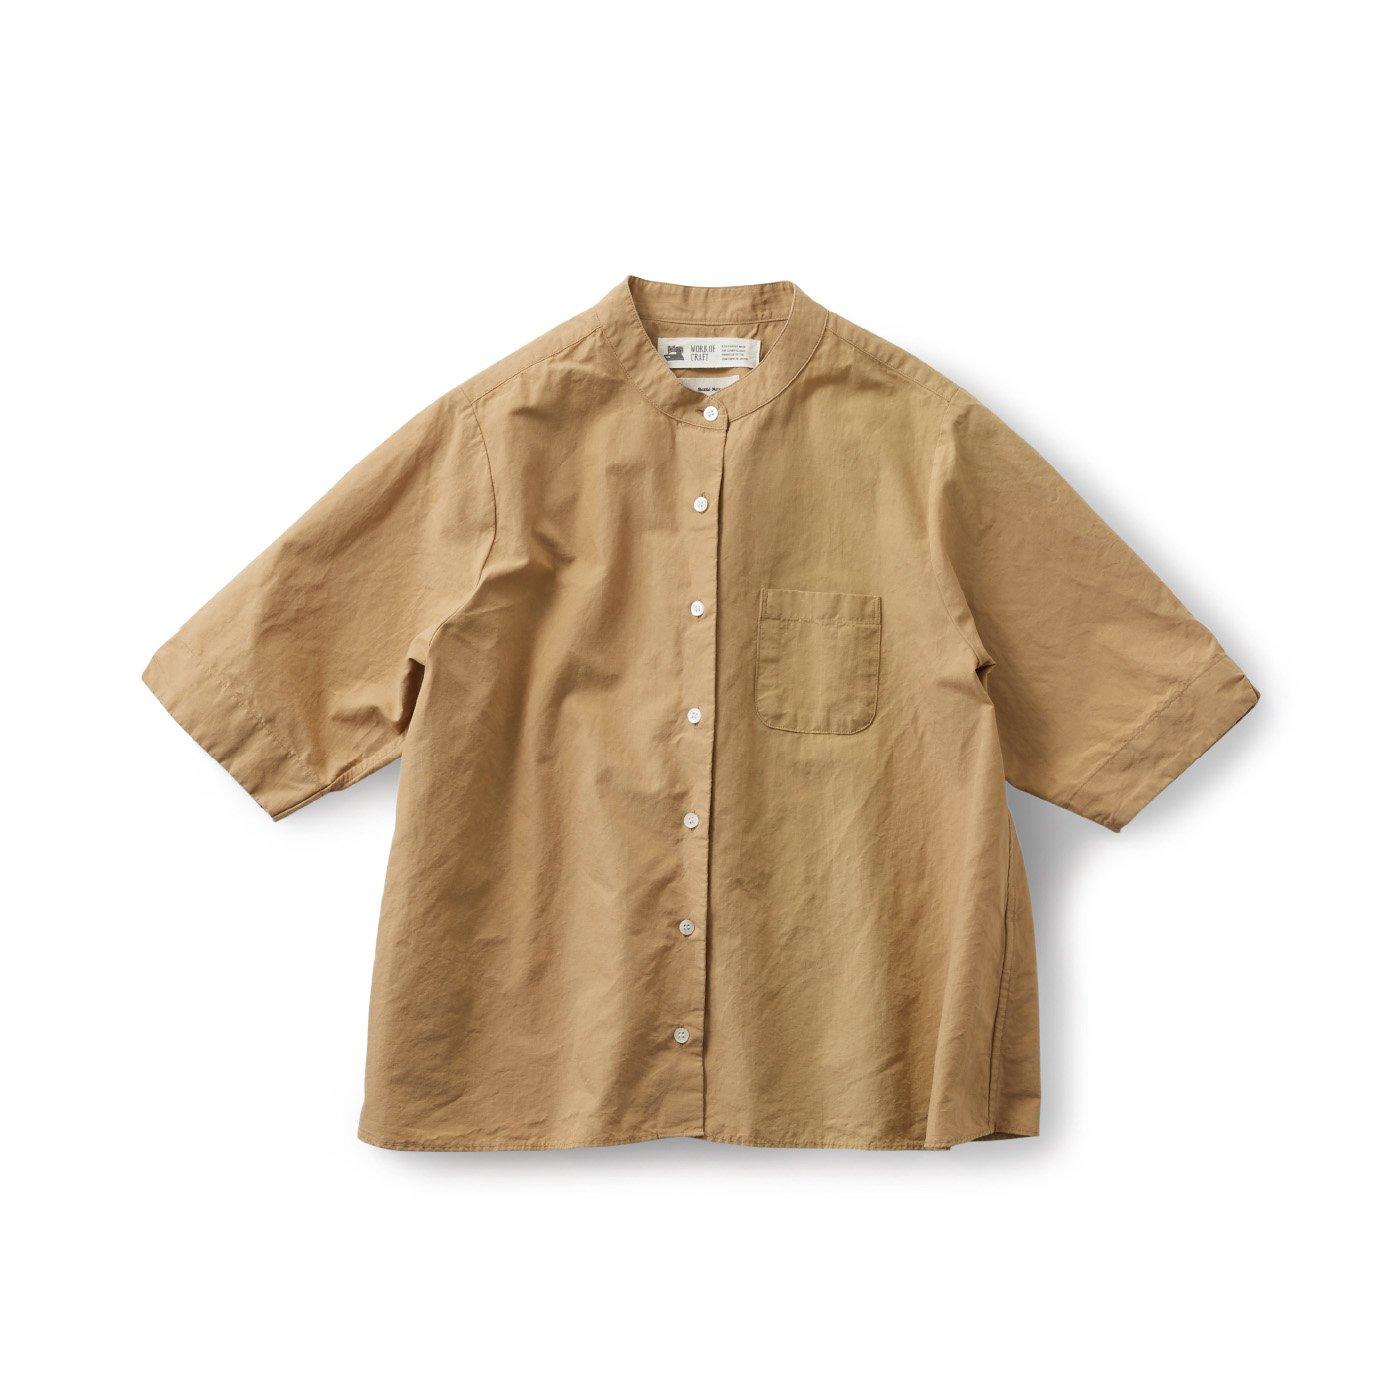 サニークラウズ feat. Shuttle Notes 島育ちのシャツ〈レディース〉